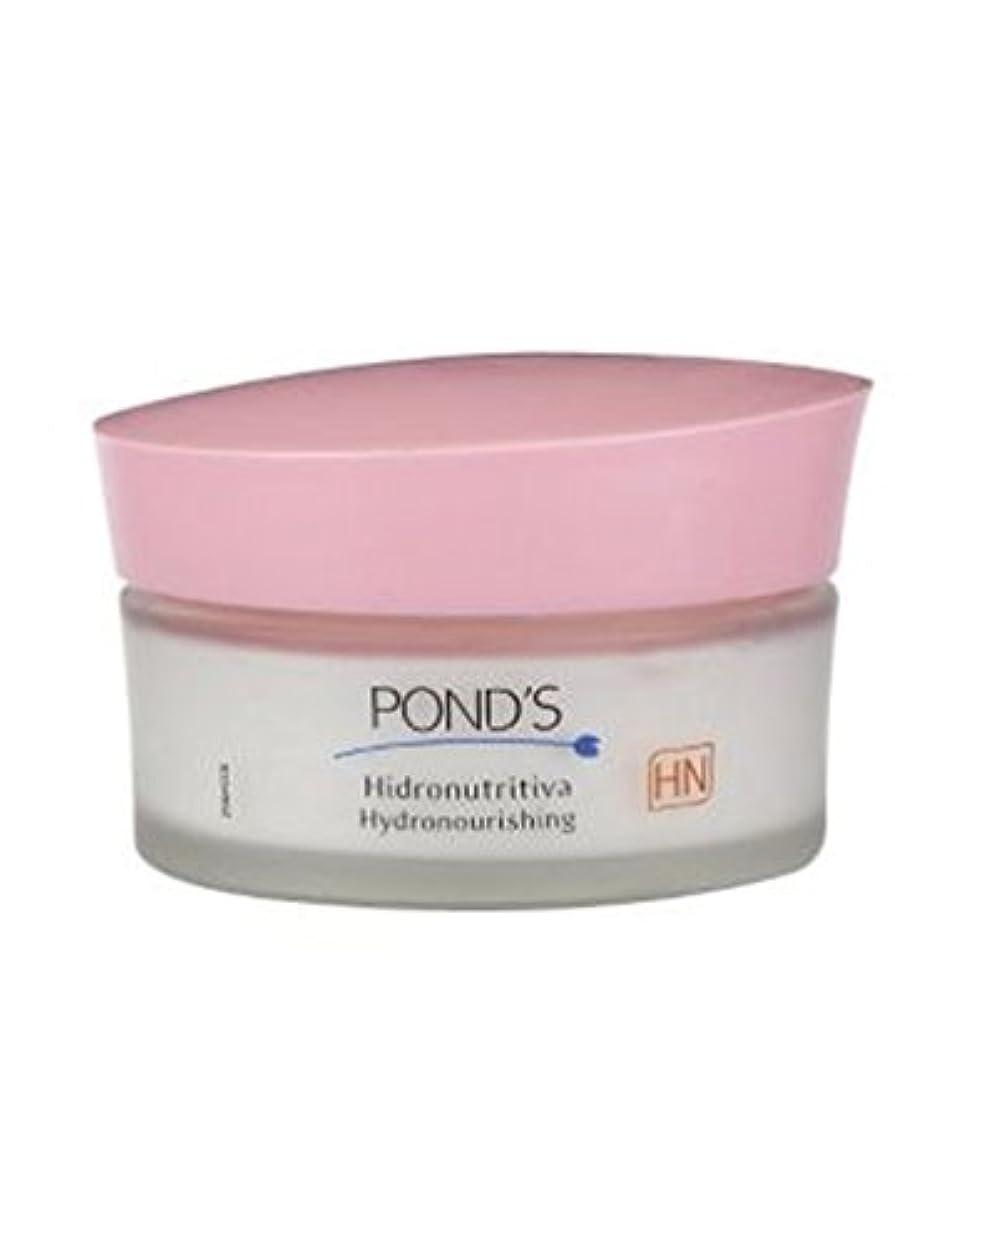 ビスケット黙時Ponds Nourishing Anti-wrinkle Cream 50ml - アンチリンクルクリーム50ミリリットル栄養池 (Ponds) [並行輸入品]